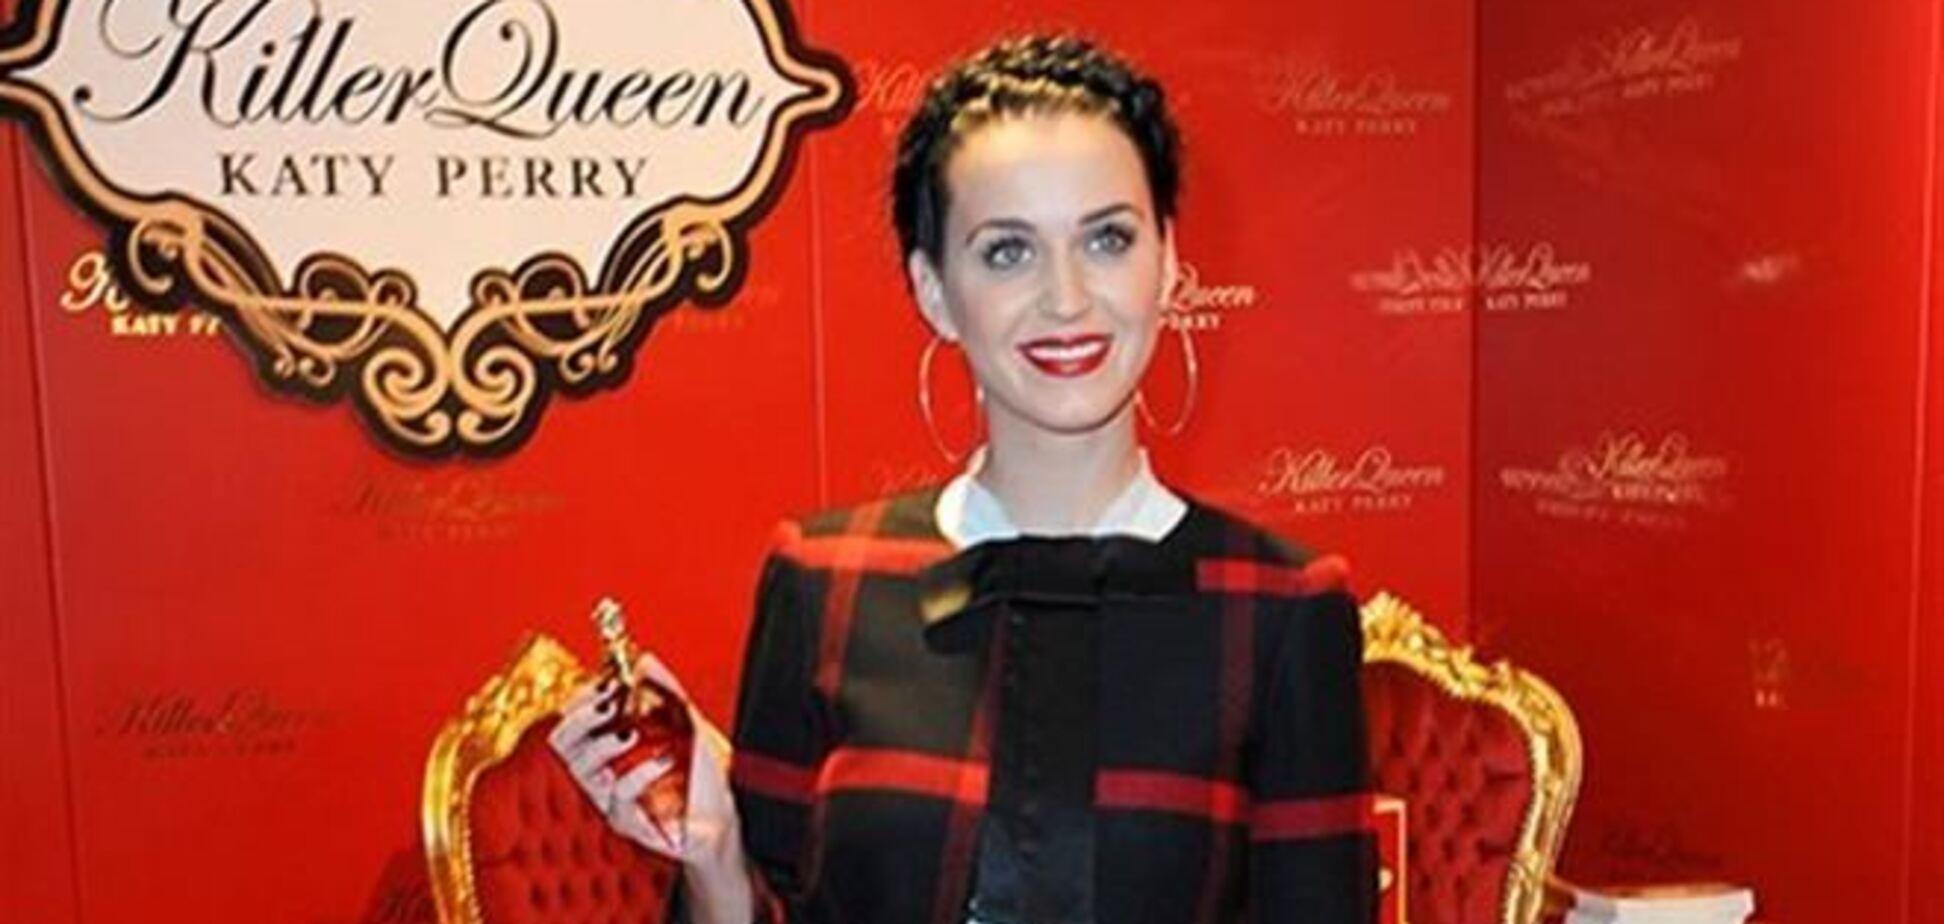 Кэти Перри презентовала 'Killer Queen' в Берлине